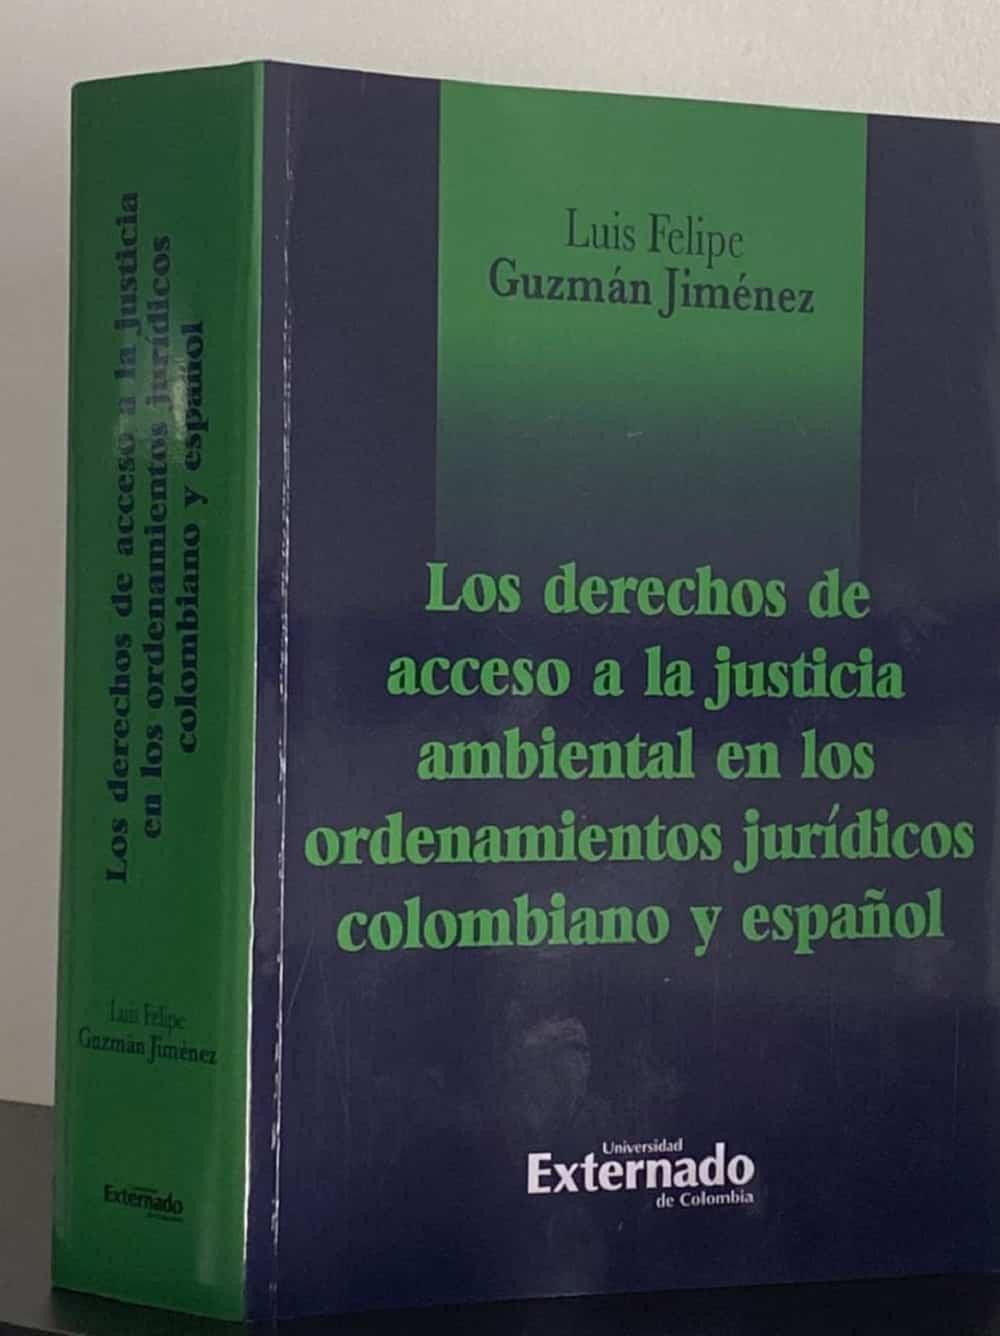 Universidad Externado publicó libro de boyacense sobre los derechos de acceso a la justicia ambiental 2